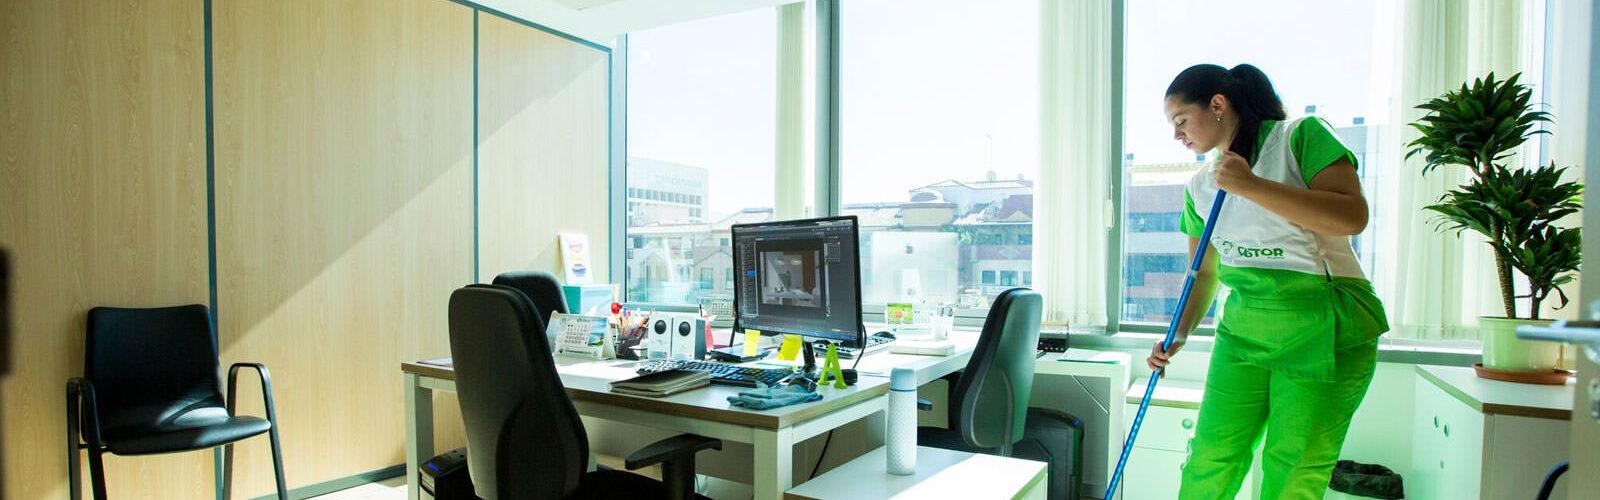 Limpiezas Castor. limpieza-oficinas-sevilla-1600x500 Limpieza oficinas Sevilla